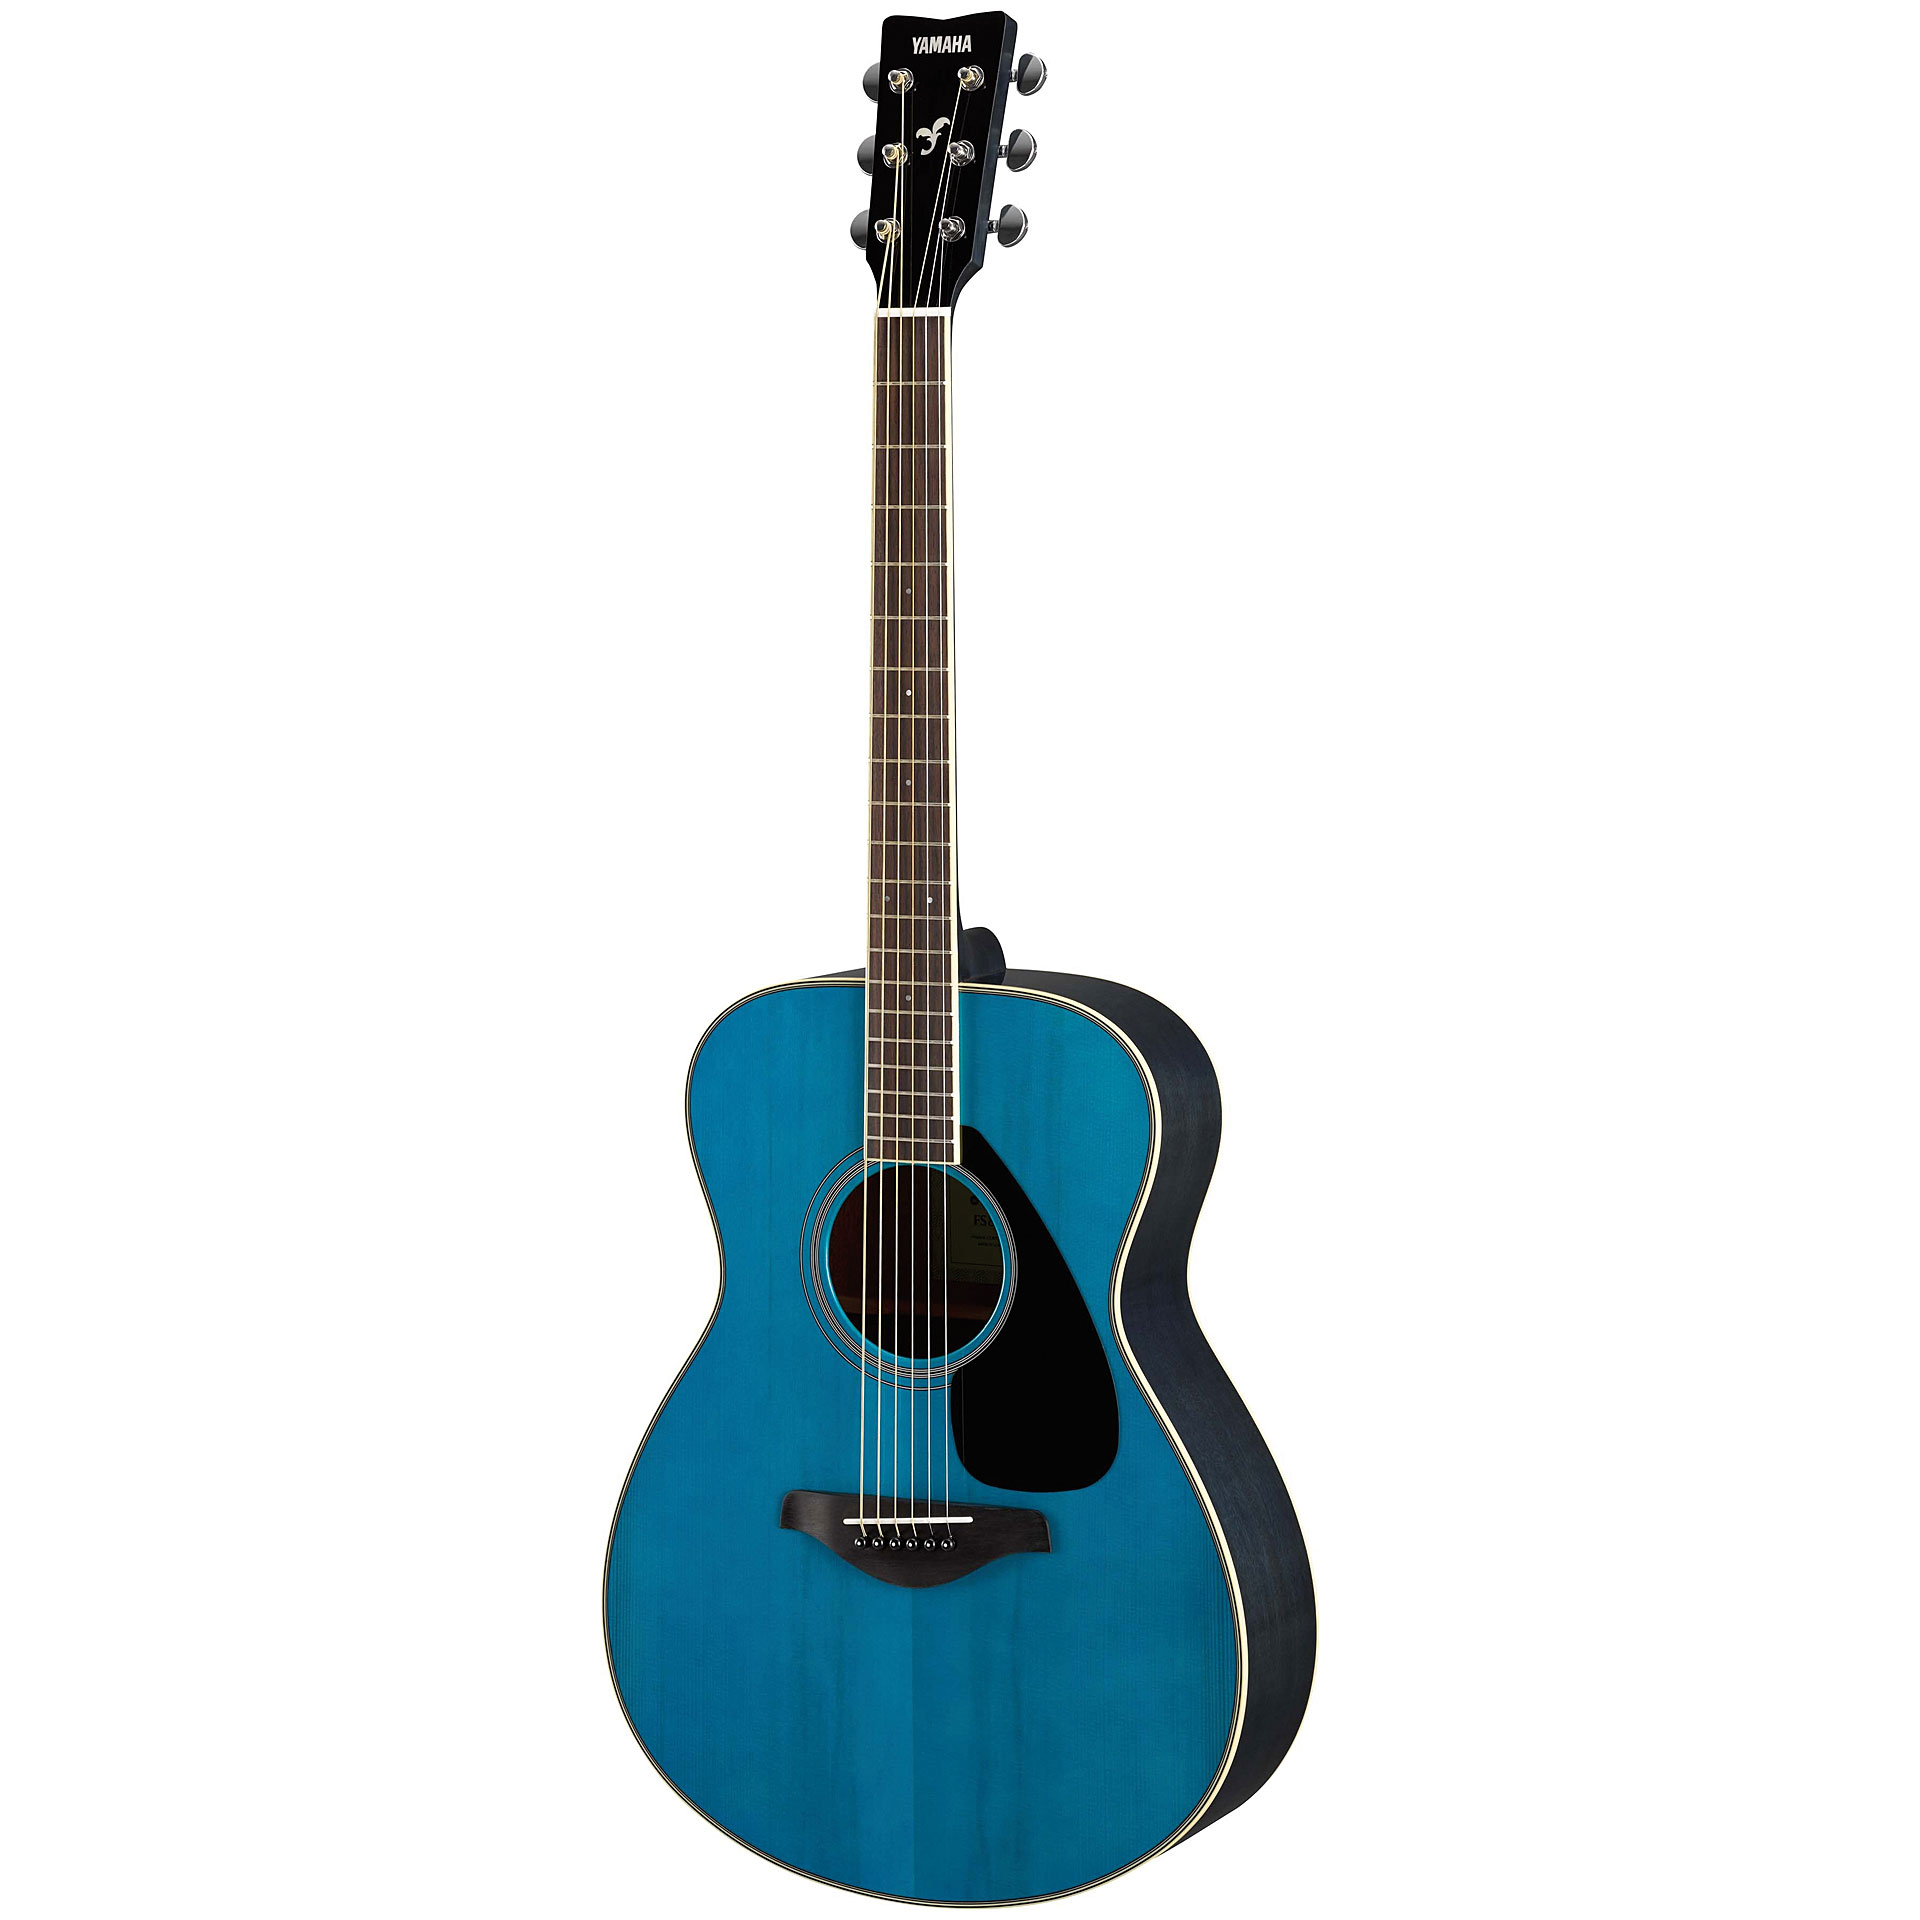 Yamaha Acoustic Guitar Saddle